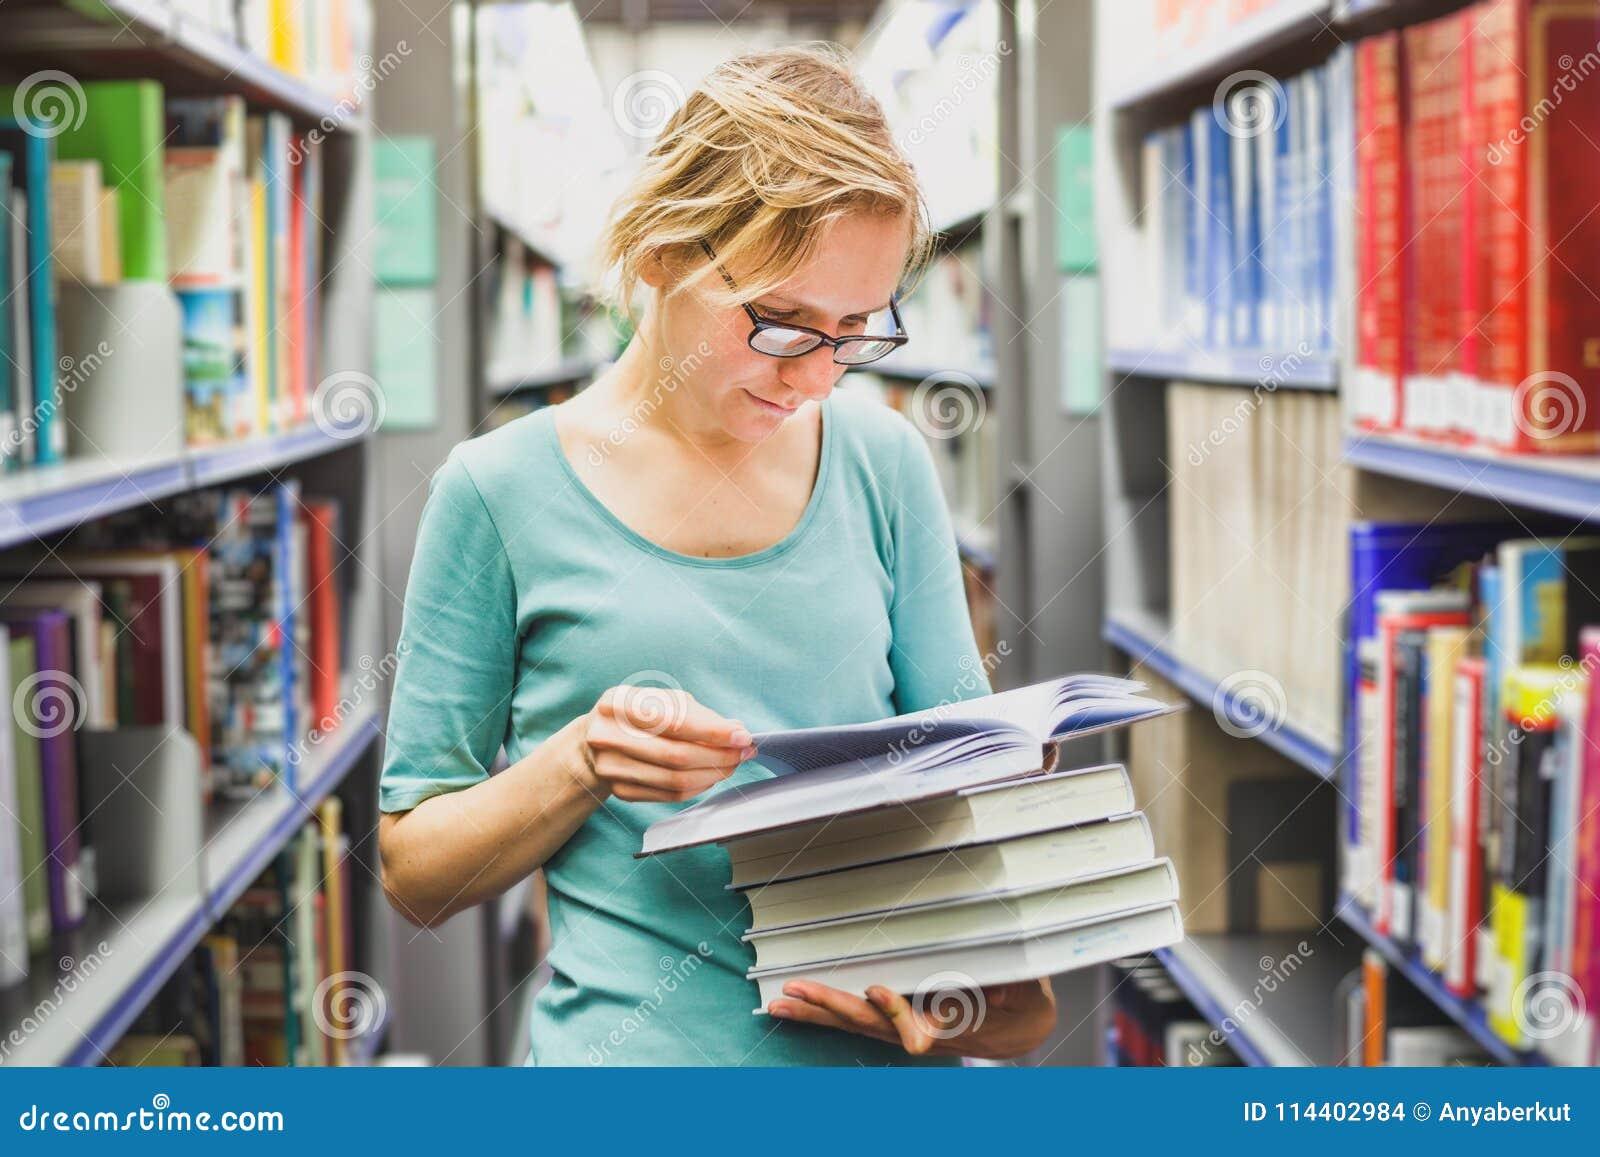 Studentenmädchen in den Bibliothekslesebüchern, Bildung